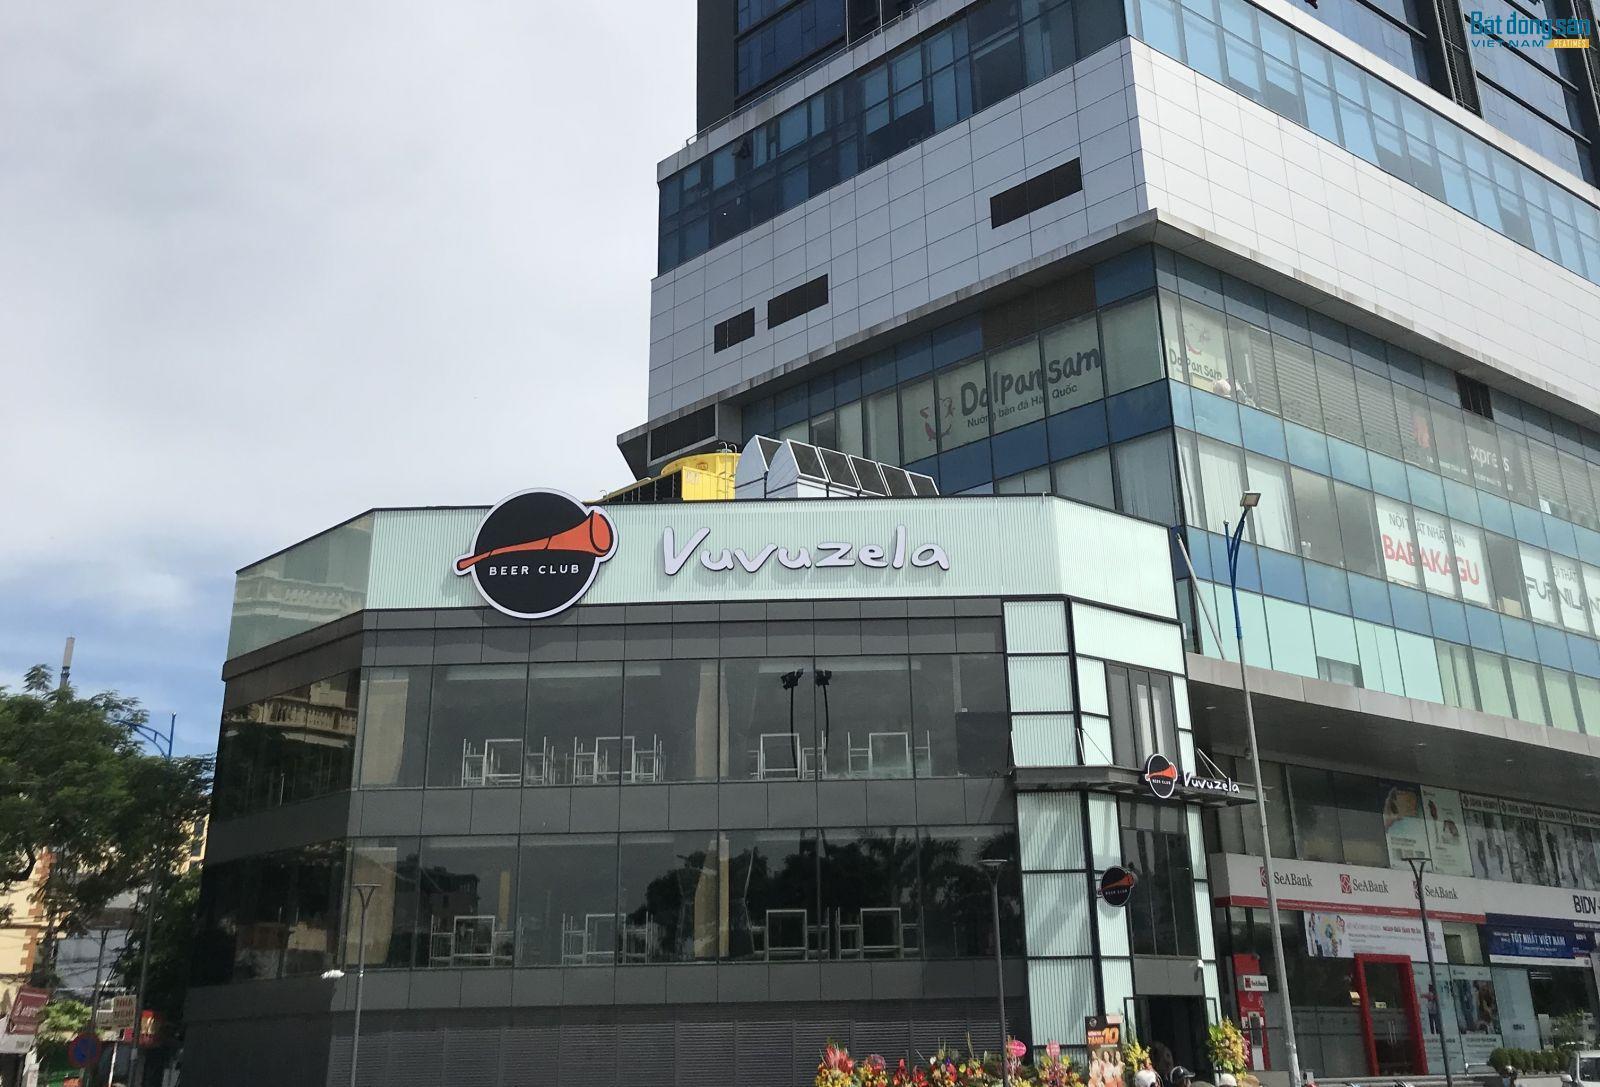 Chủ đầu tư cho quán bia Vuvuzela thuê lại 2 tầng hộp kỹ thuật tòa nhà (tầng 2 và tầng 3) để kinh doanh.